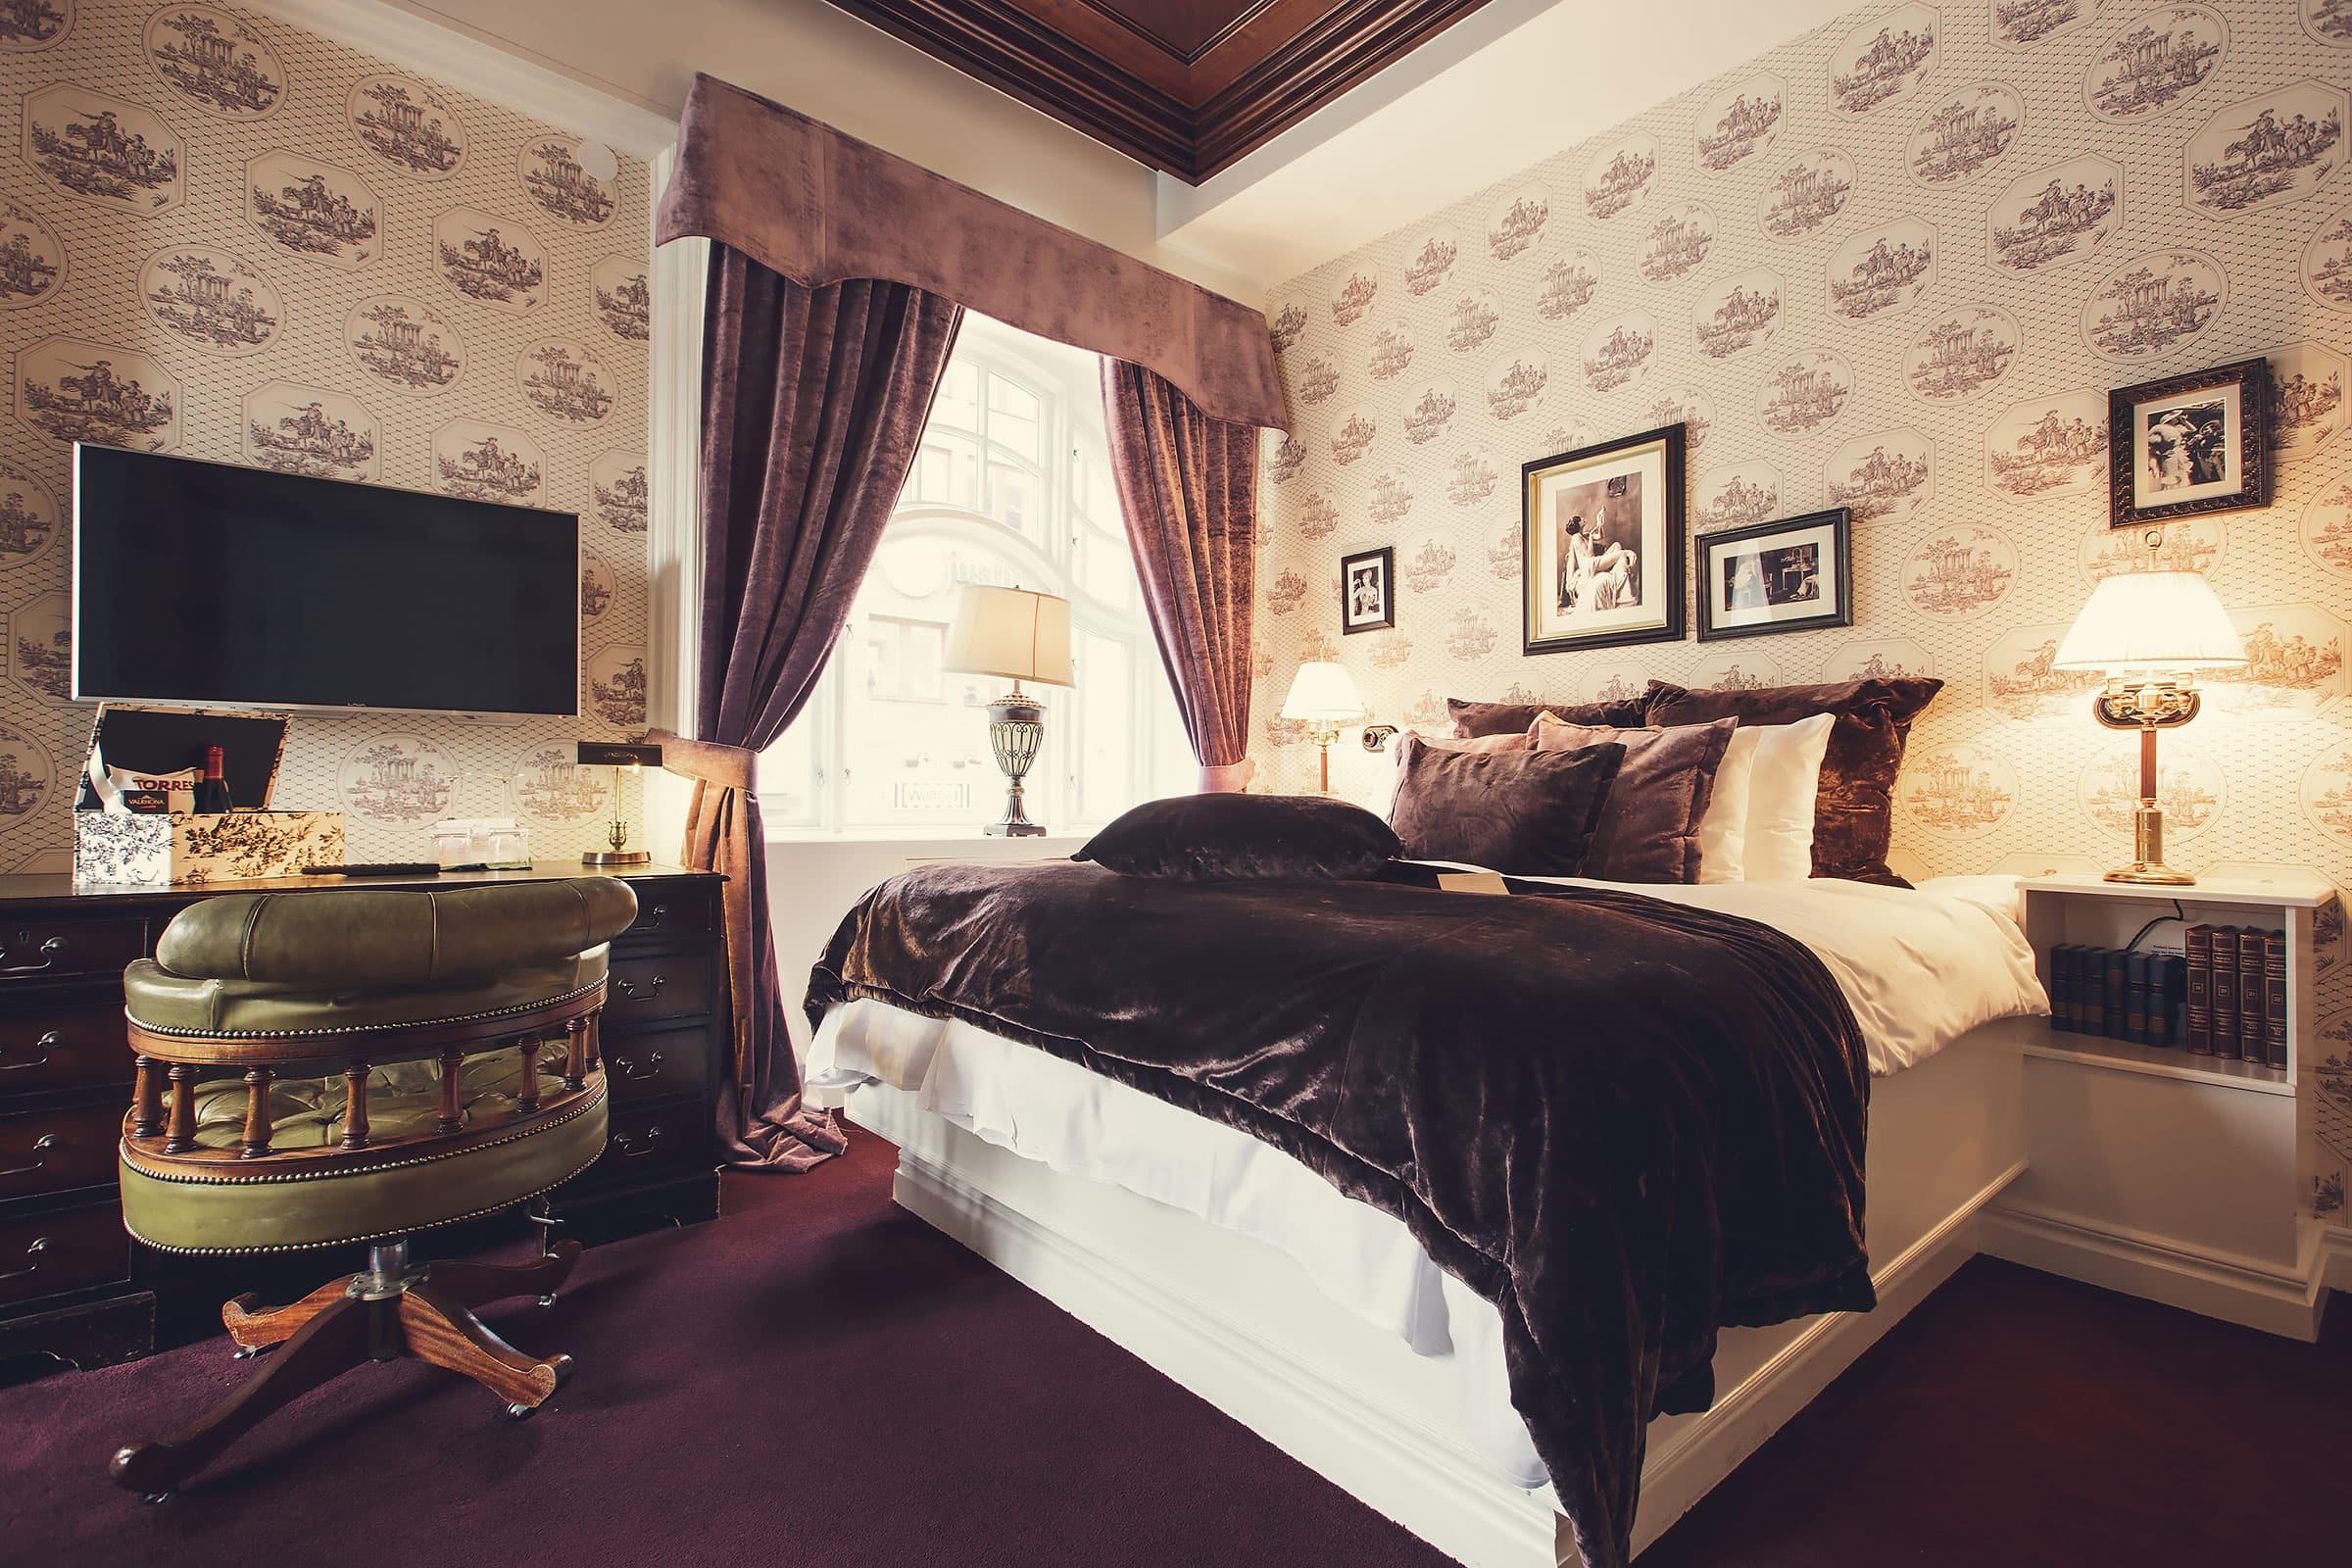 franskt hotell göteborg